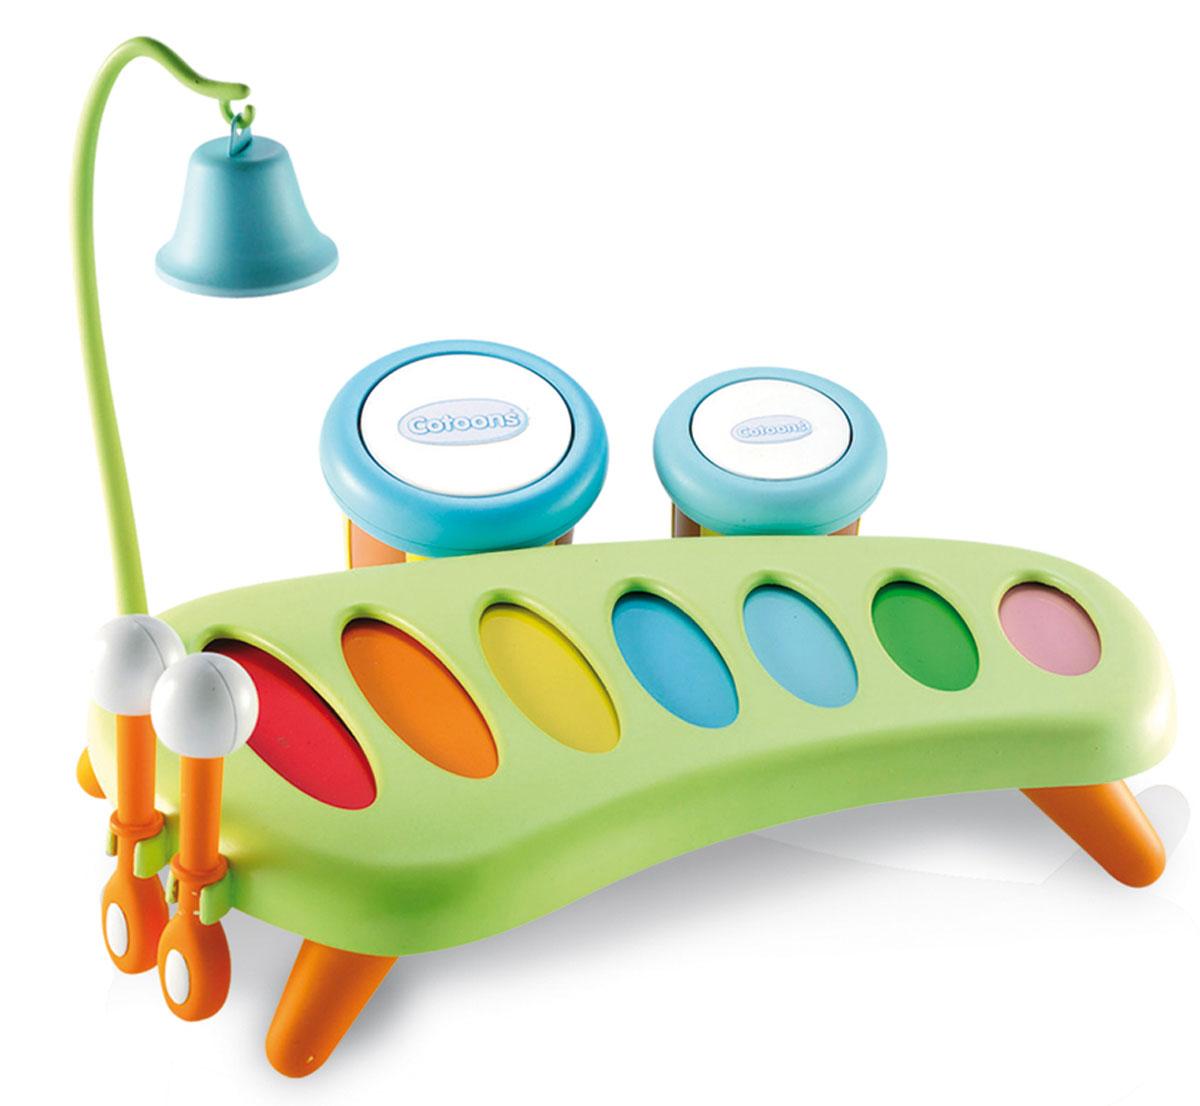 Smoby Ксилофон - Музыкальные инструменты